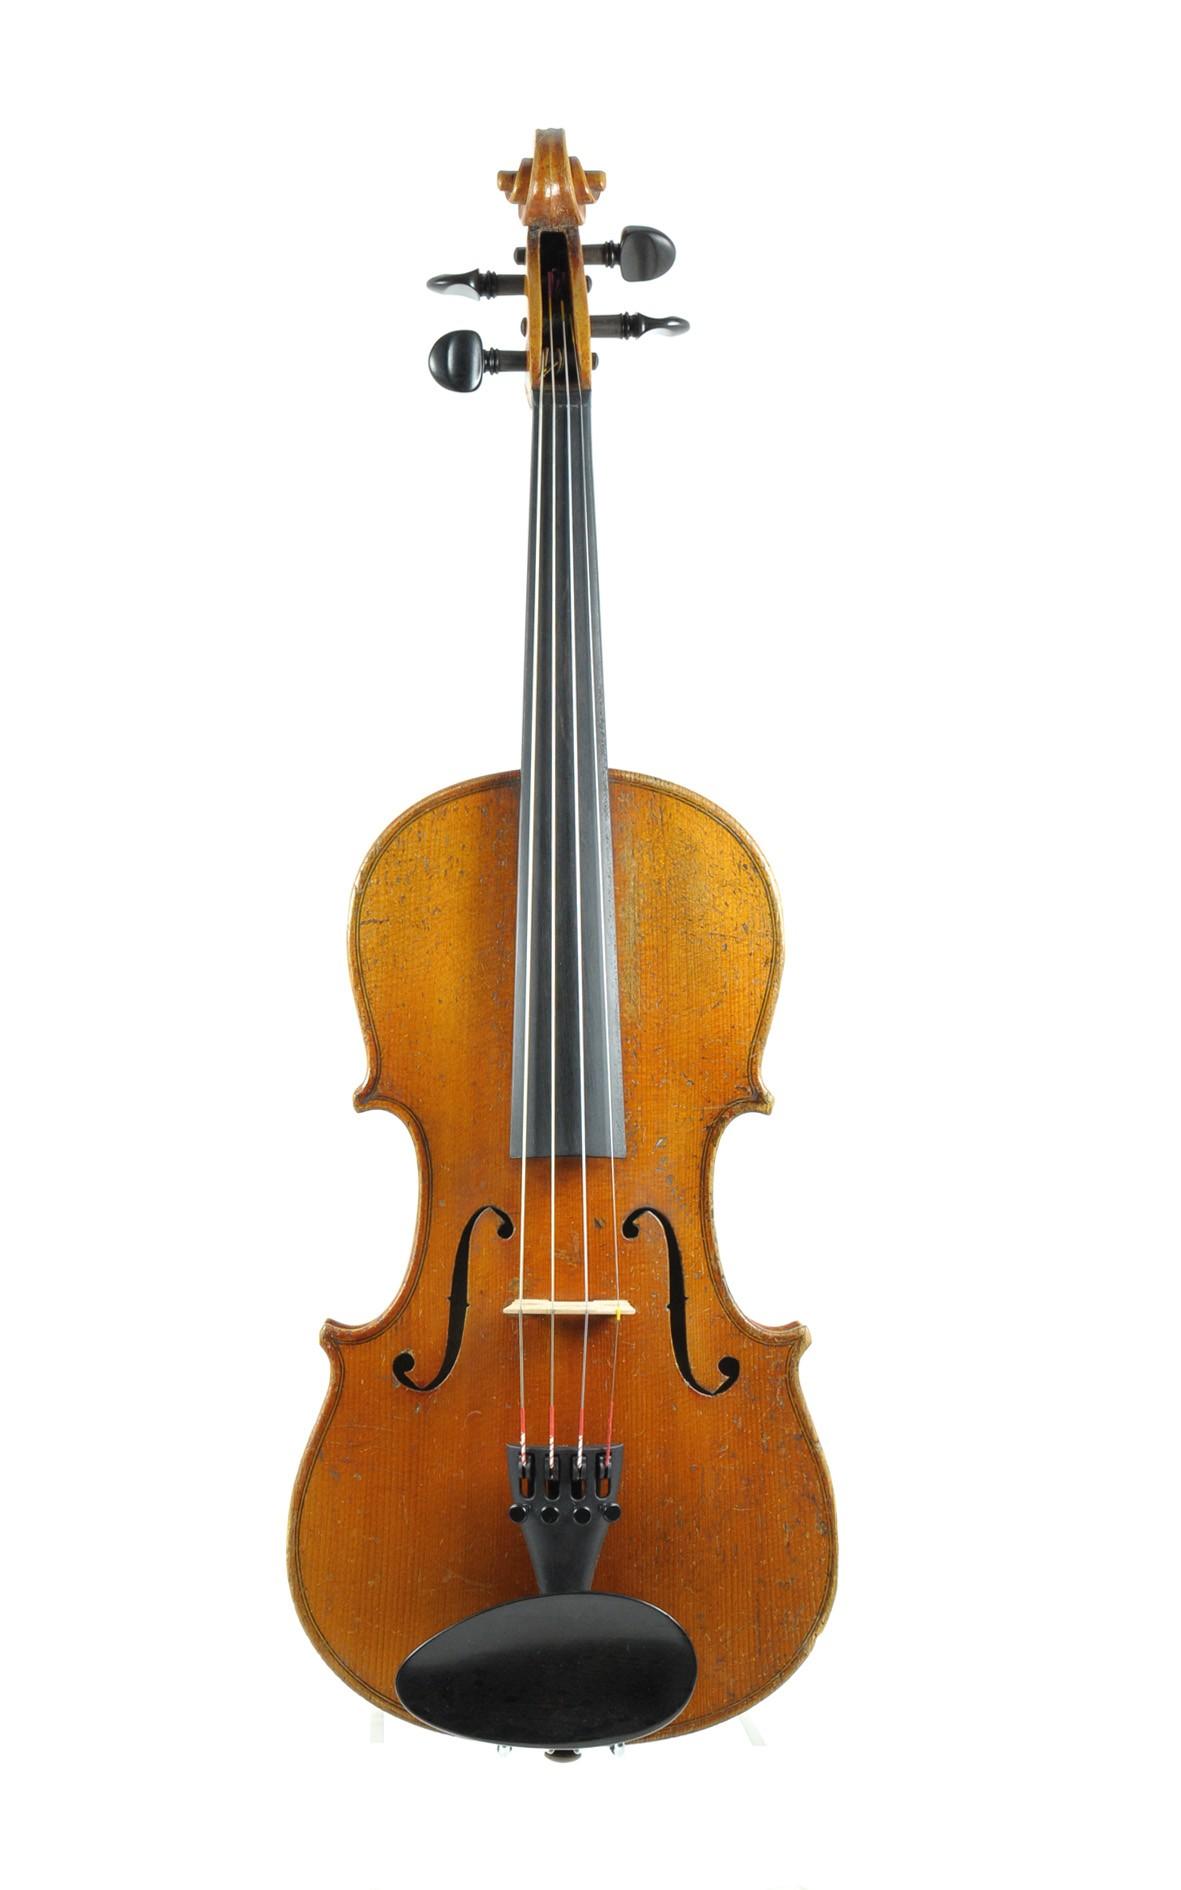 Vogtland violin Markneukirchen-Klingenthal apprxo. 1860 - table